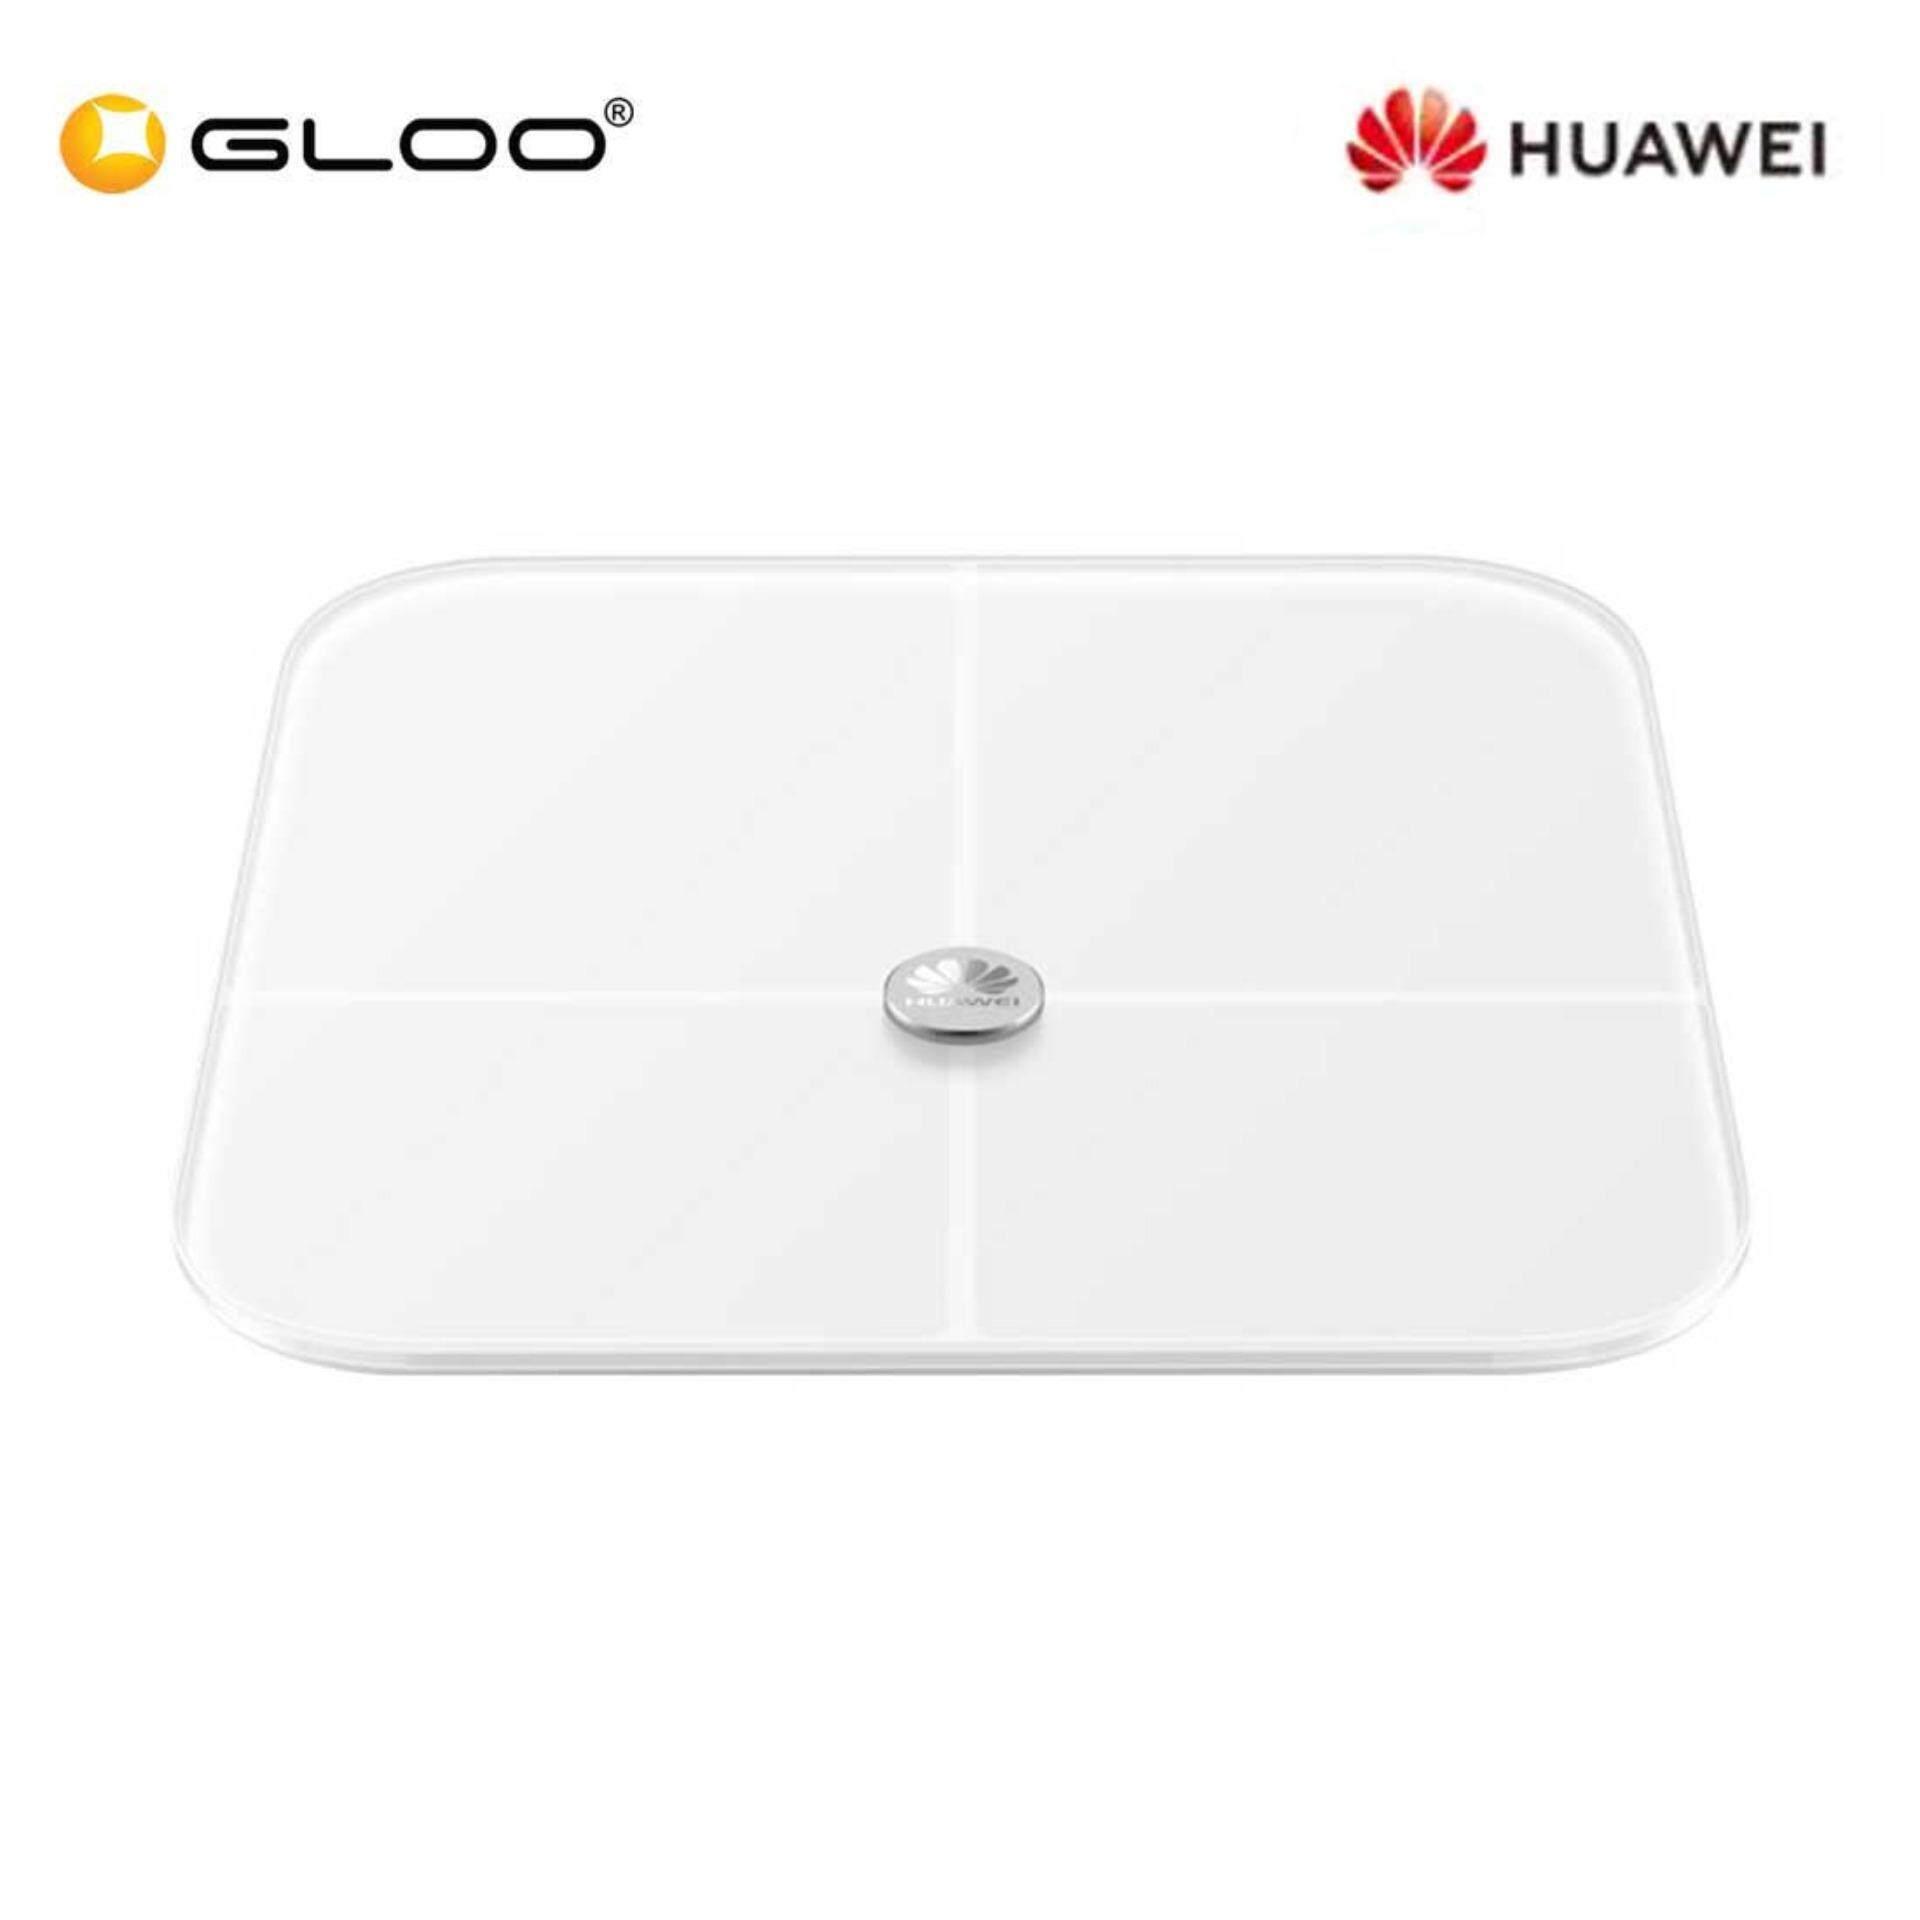 Huawei AH100 Smart Weighing Body Fat Scale 6901443198375